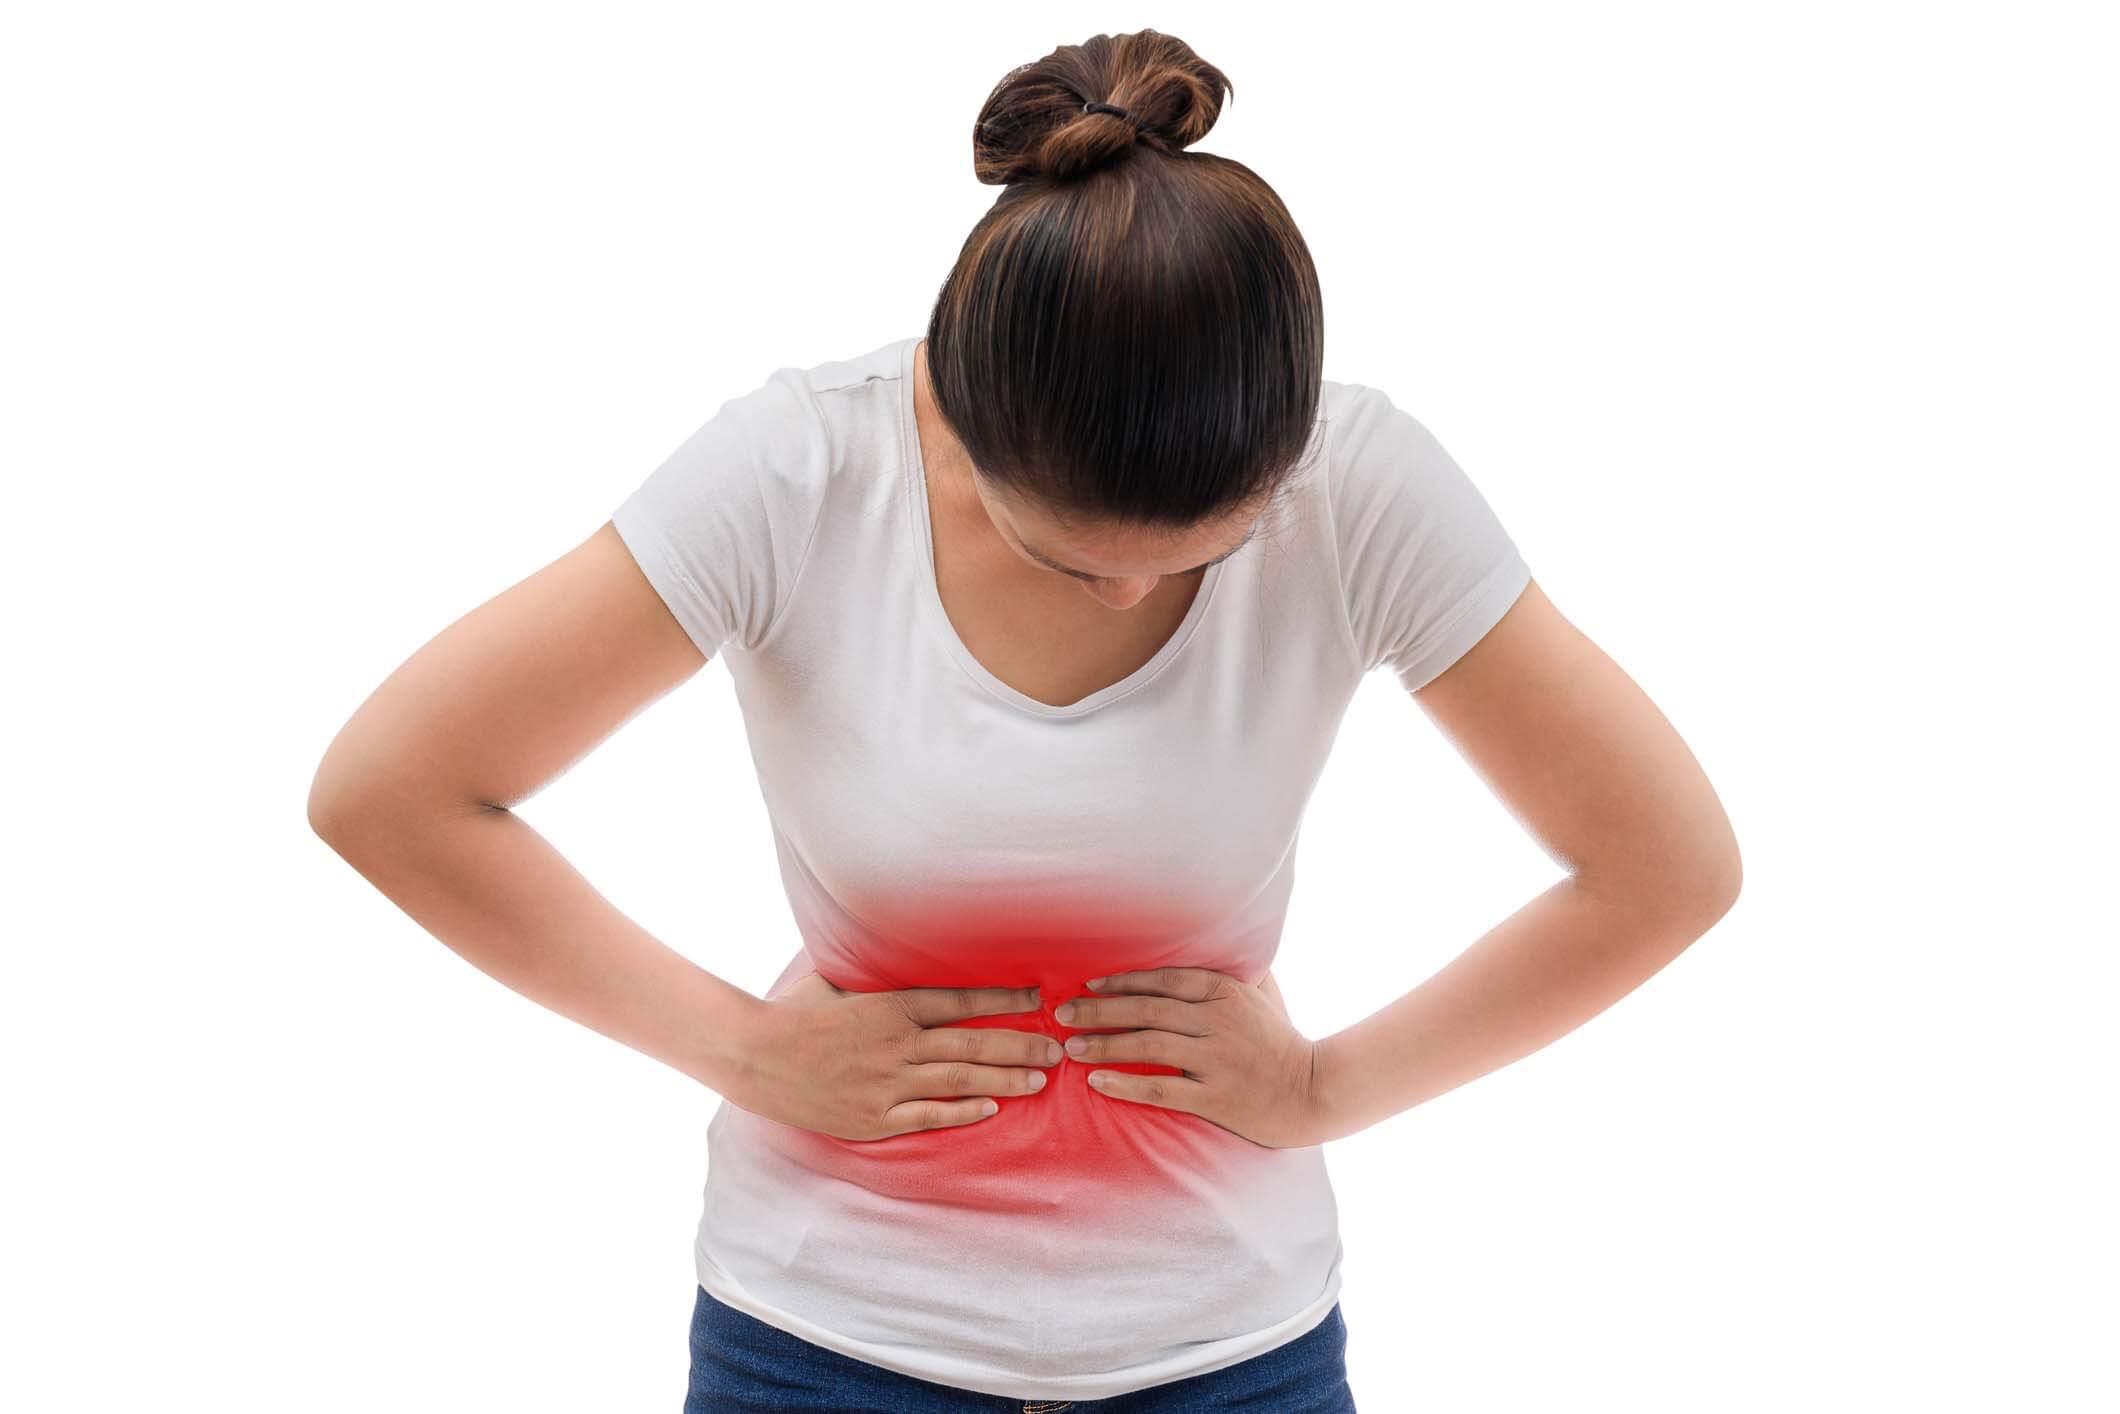 Thường xuyên tiêu chảy hoặc táo bón, đau bụng, mệt mỏi,...là những dấu hiệu của ung thư đại tràng